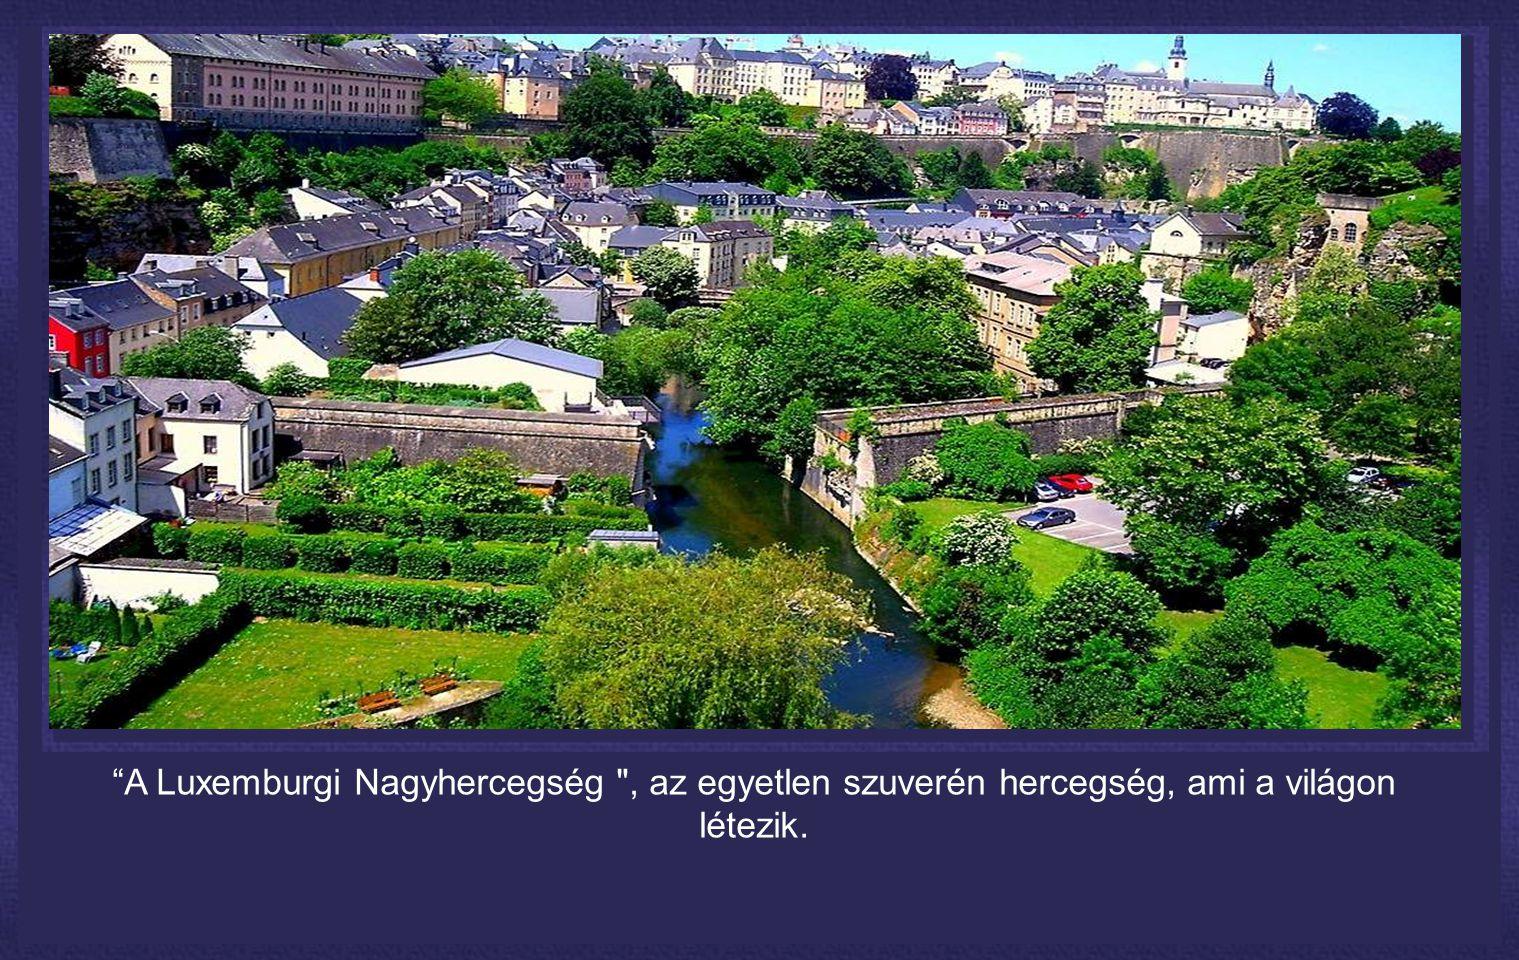 A Luxemburgi Nagyhercegség , az egyetlen szuverén hercegség, ami a világon létezik.